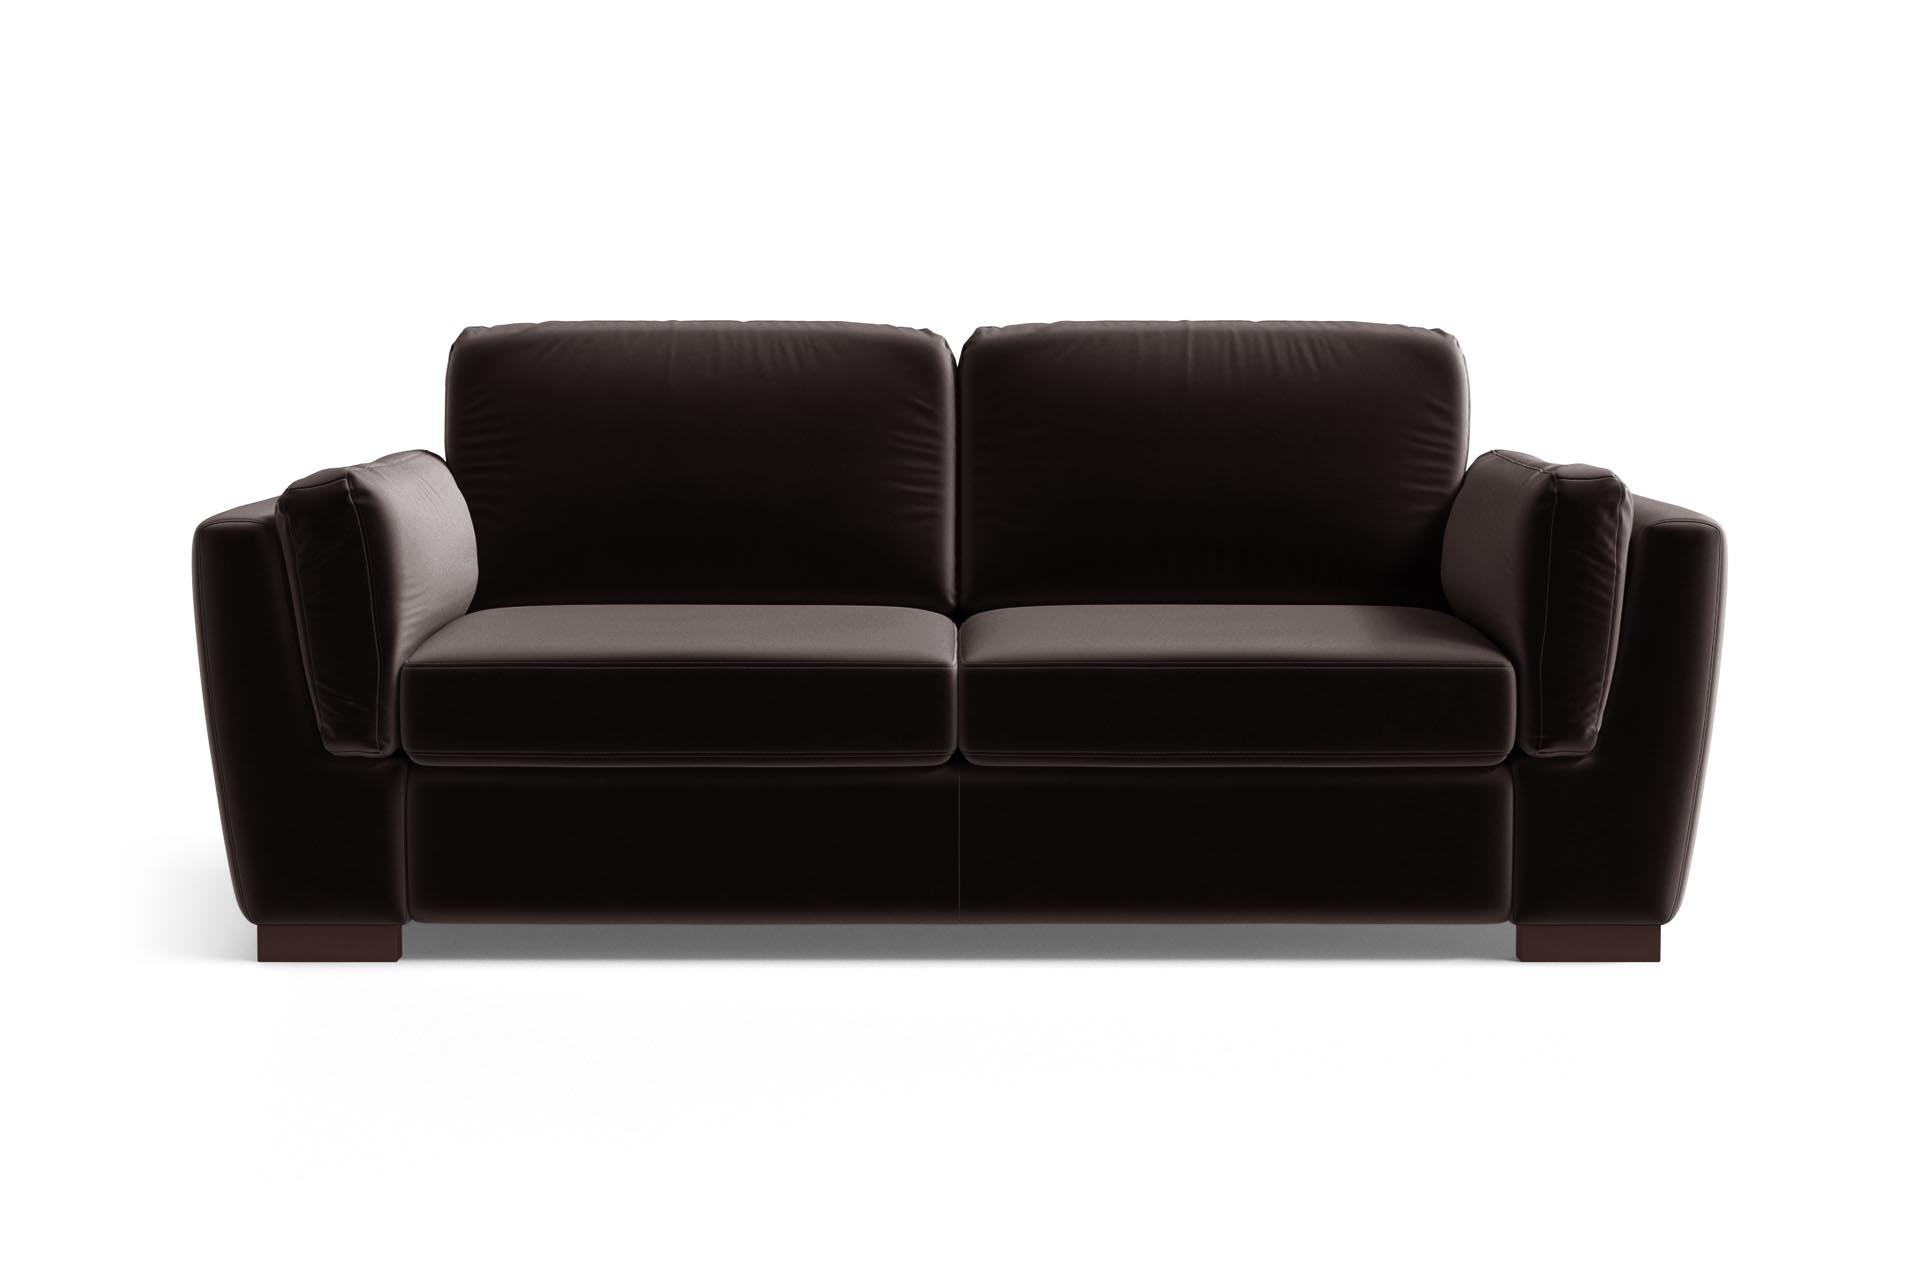 Canapé 2 places en velours marron